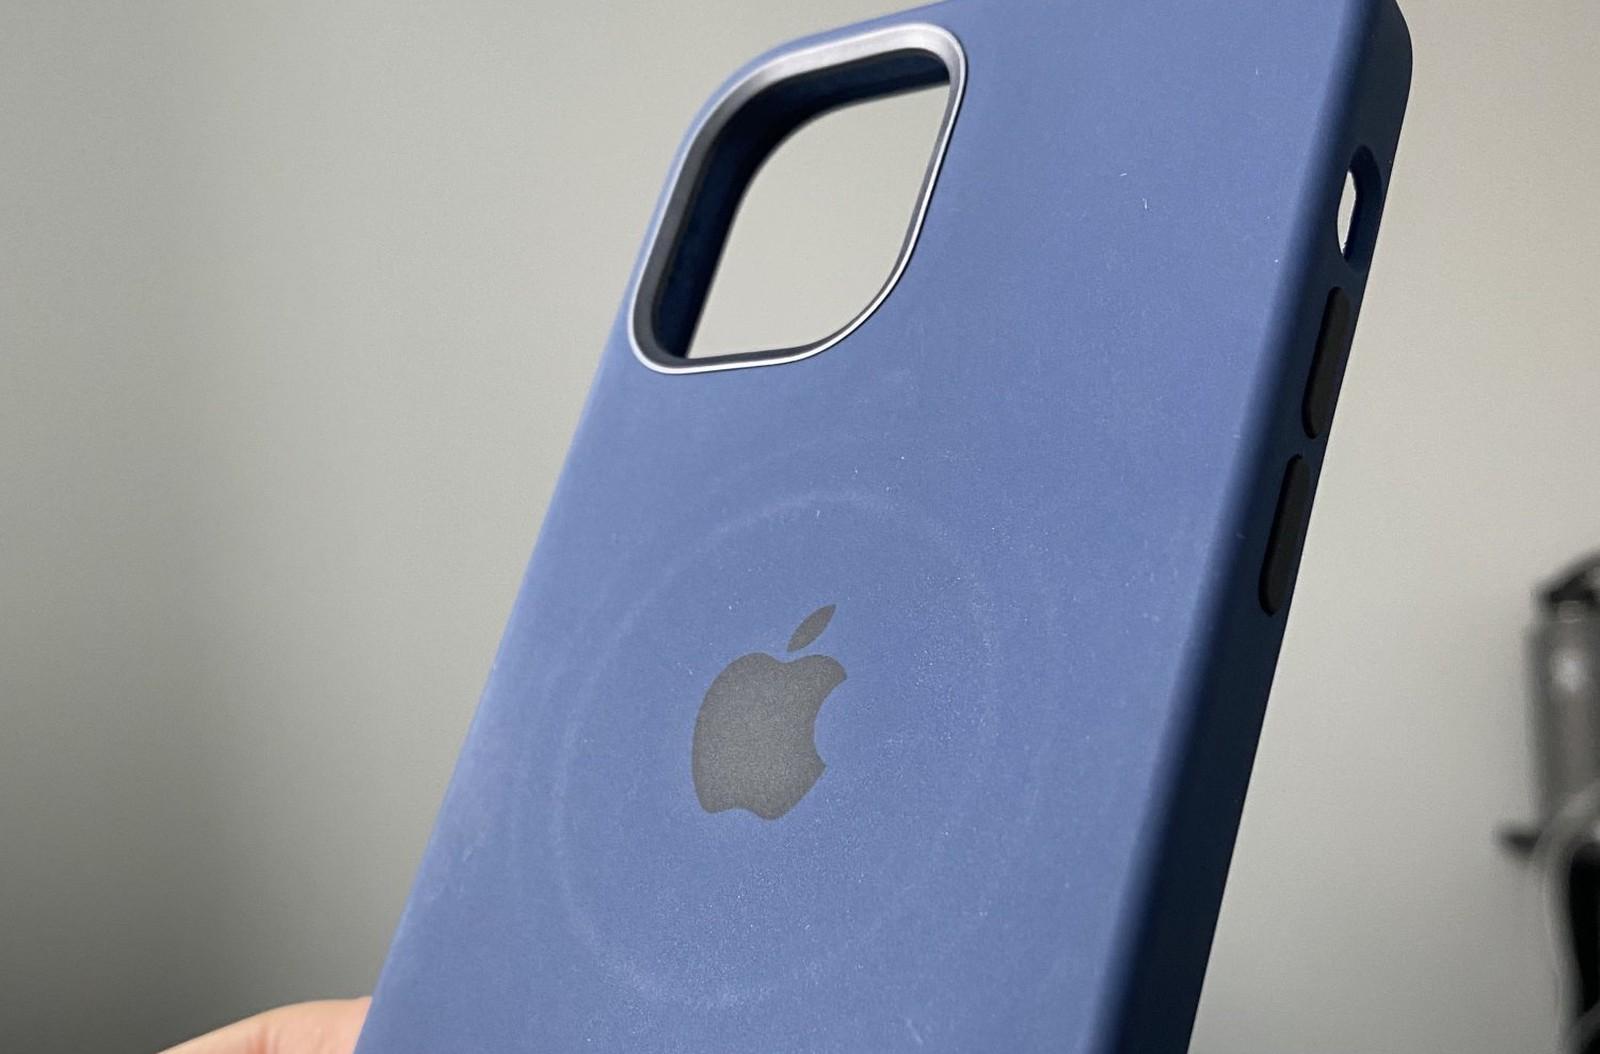 Case de silicone da Apple com marca do carregador MagSafe